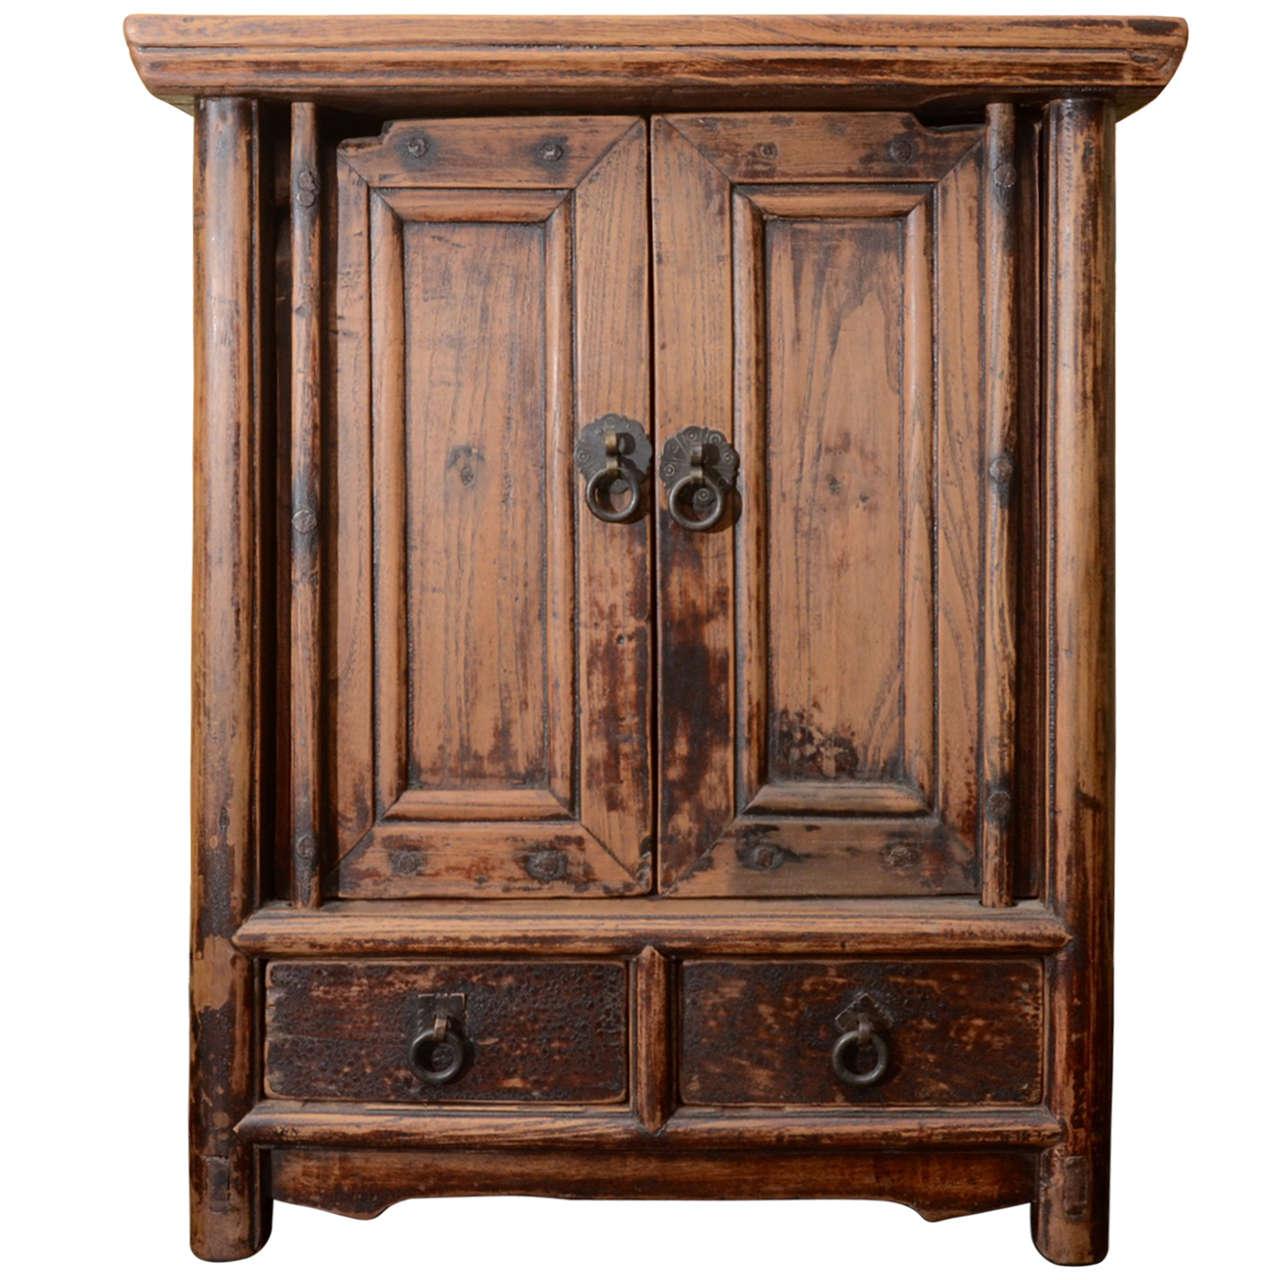 armoire 90 cm de large affordable meuble de salle de bain. Black Bedroom Furniture Sets. Home Design Ideas